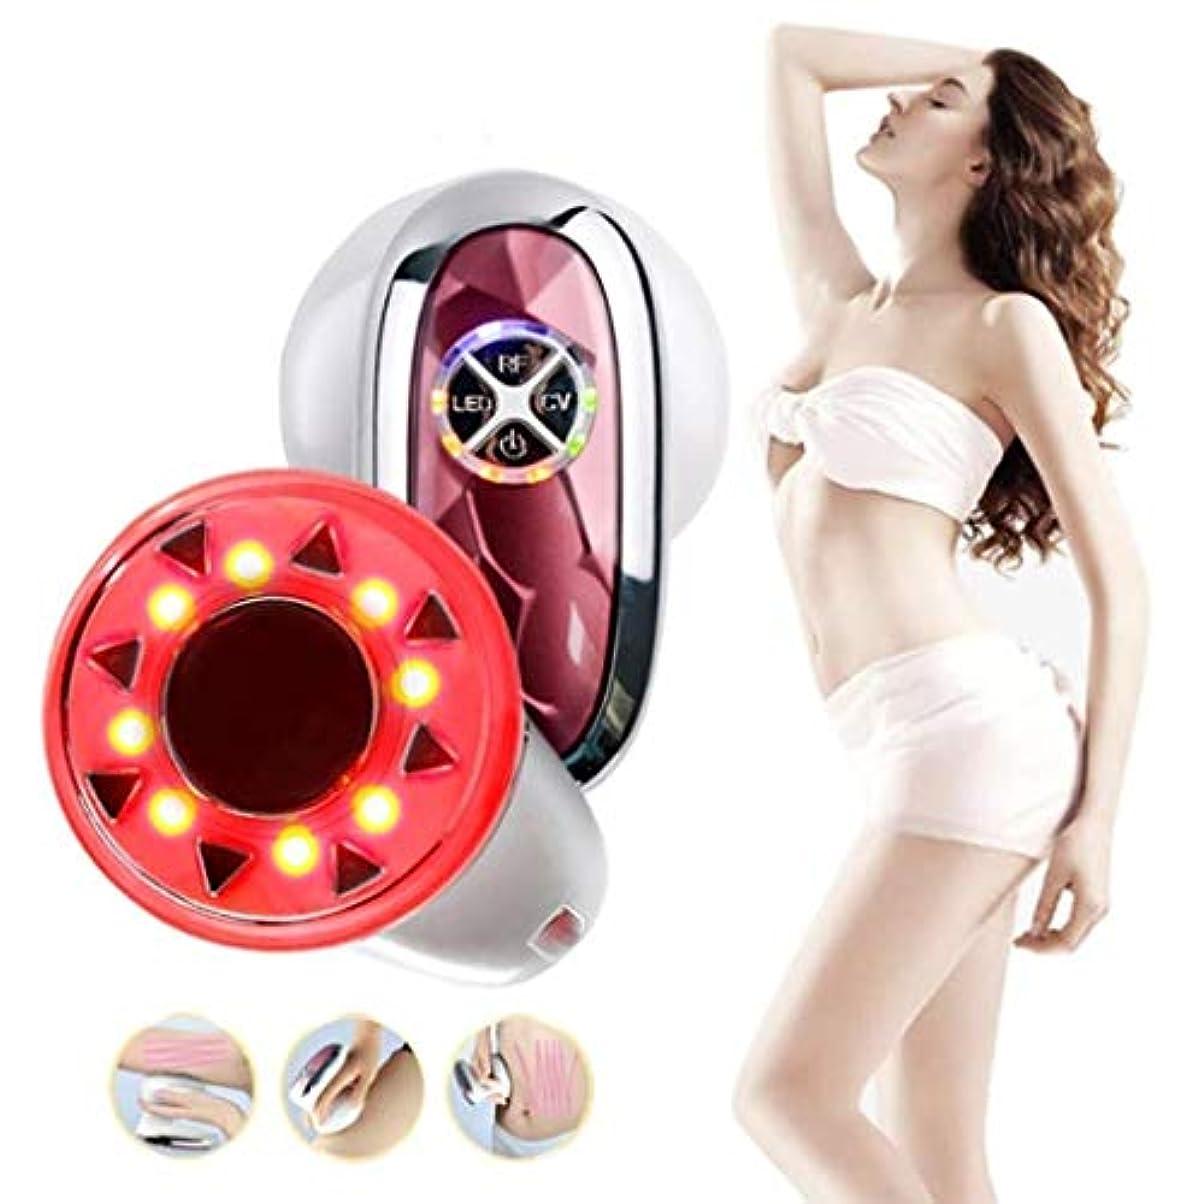 プーノシソーラスペンダント電気減量機、4-1 - ラジオ周波数マッサージ器、体の腹部、腰、脚、お尻、ボディマッサージ器、スキンケア機器